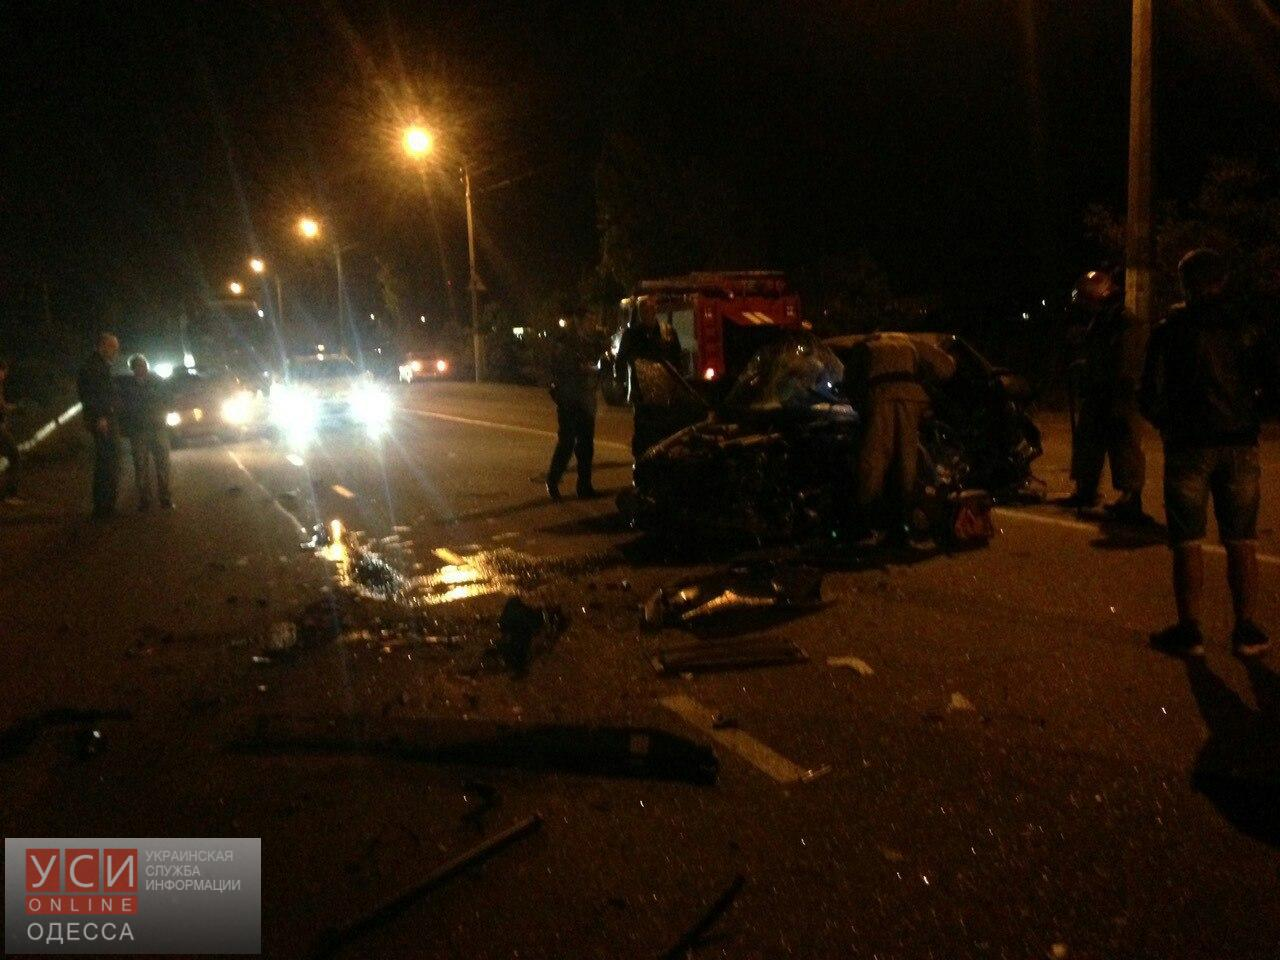 БМВ столкнулся сфурой под Одессой: шофёр легковушки умер